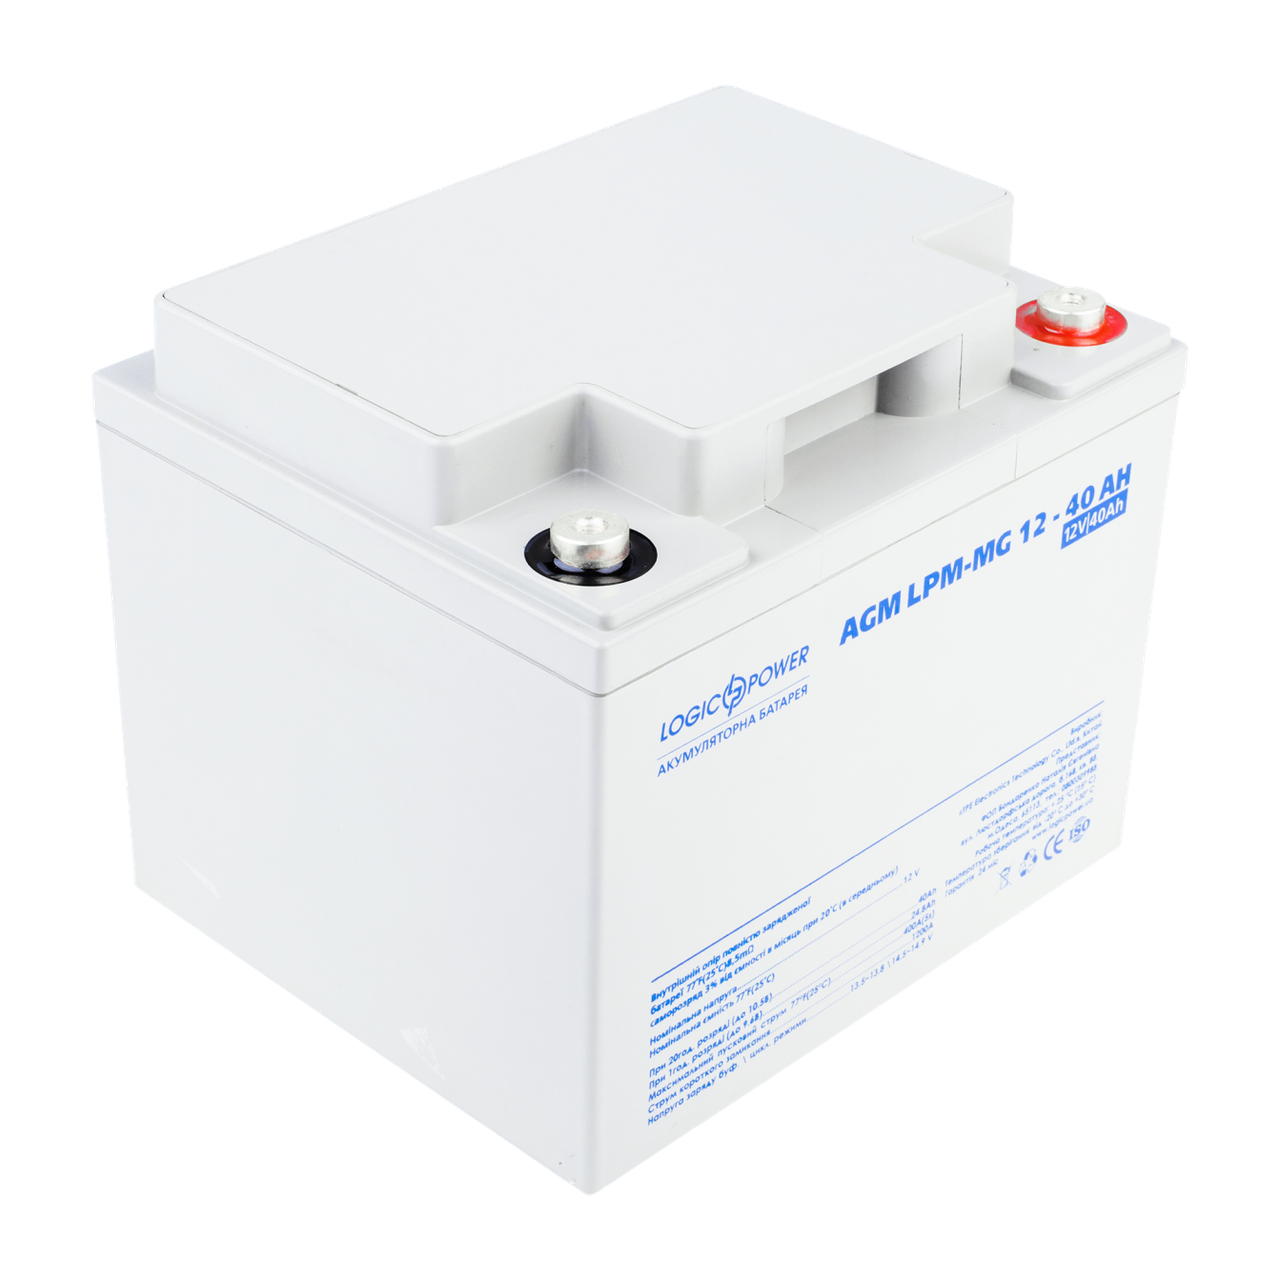 Мультигелевый аккумулятор LogicPower  AGM LPM-MG 12 - 40 AH (12 Вольт, 40 Ач).